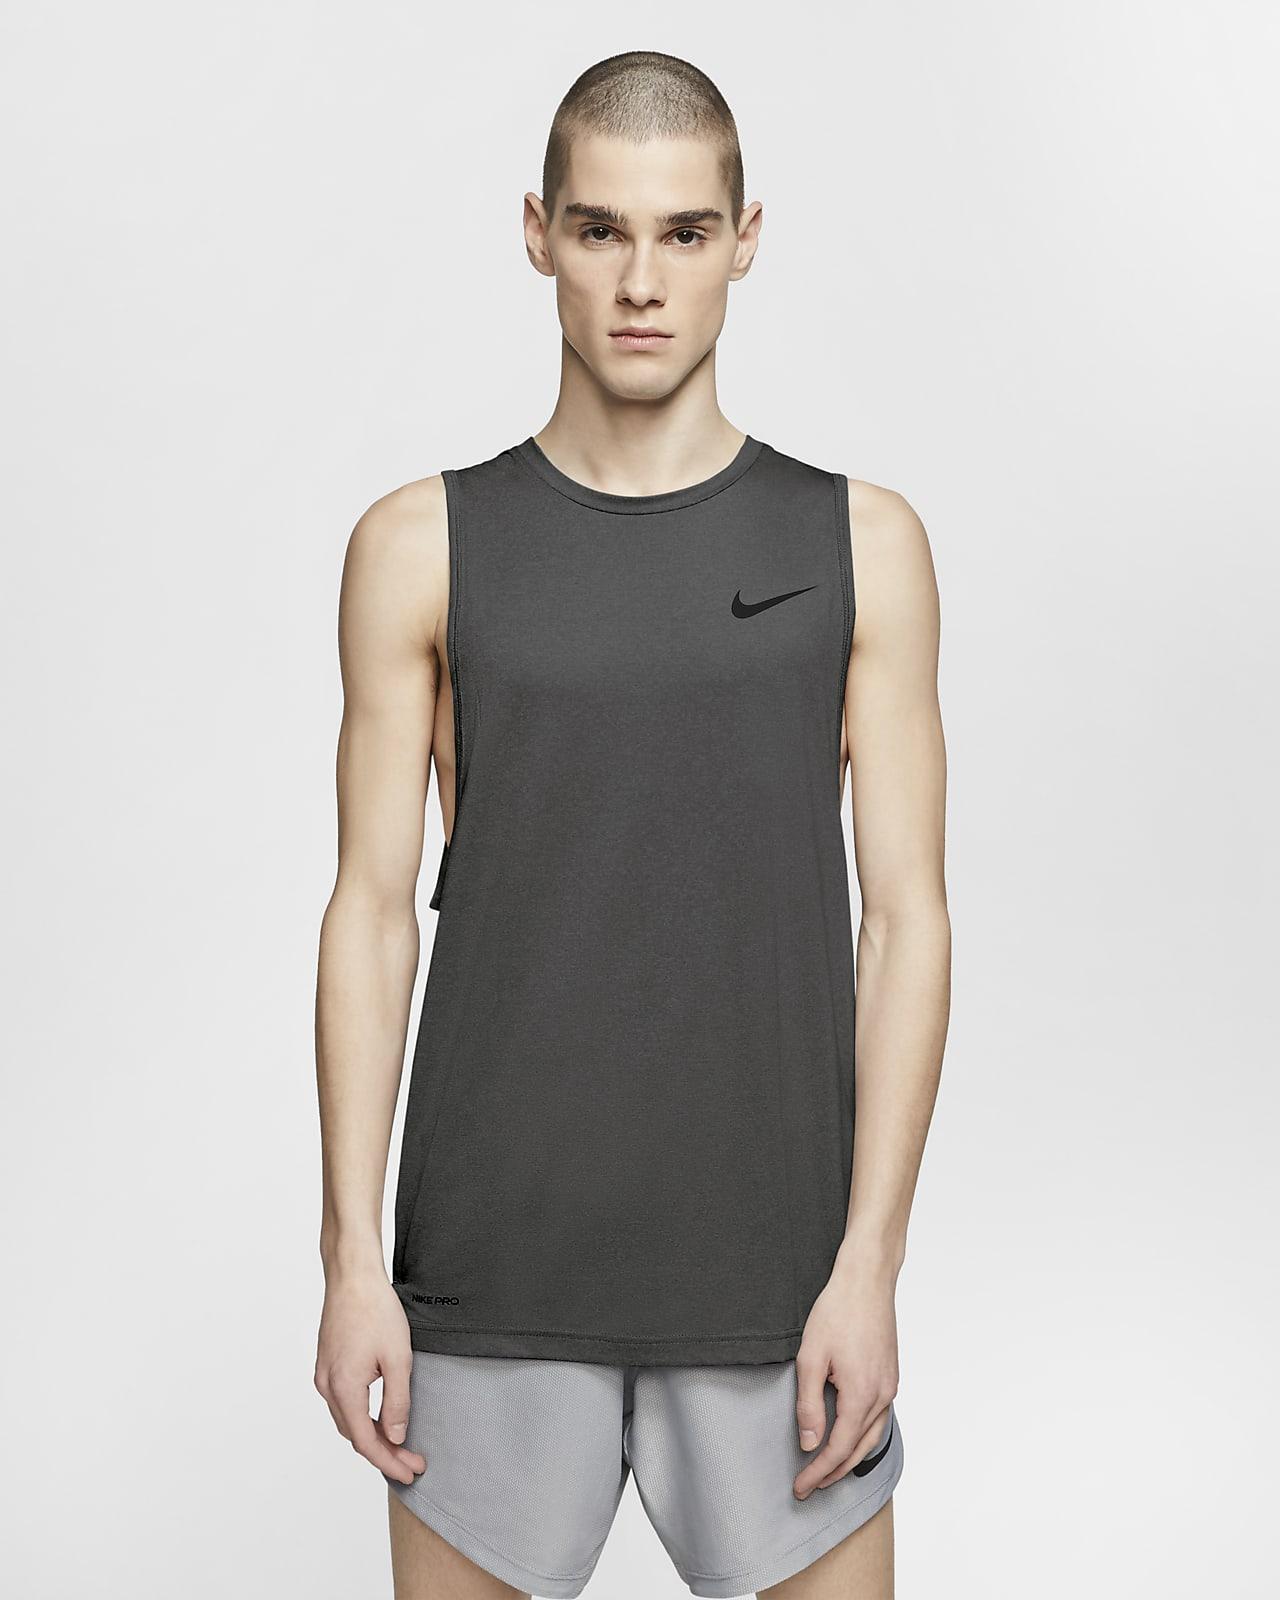 Nike 男款訓練背心